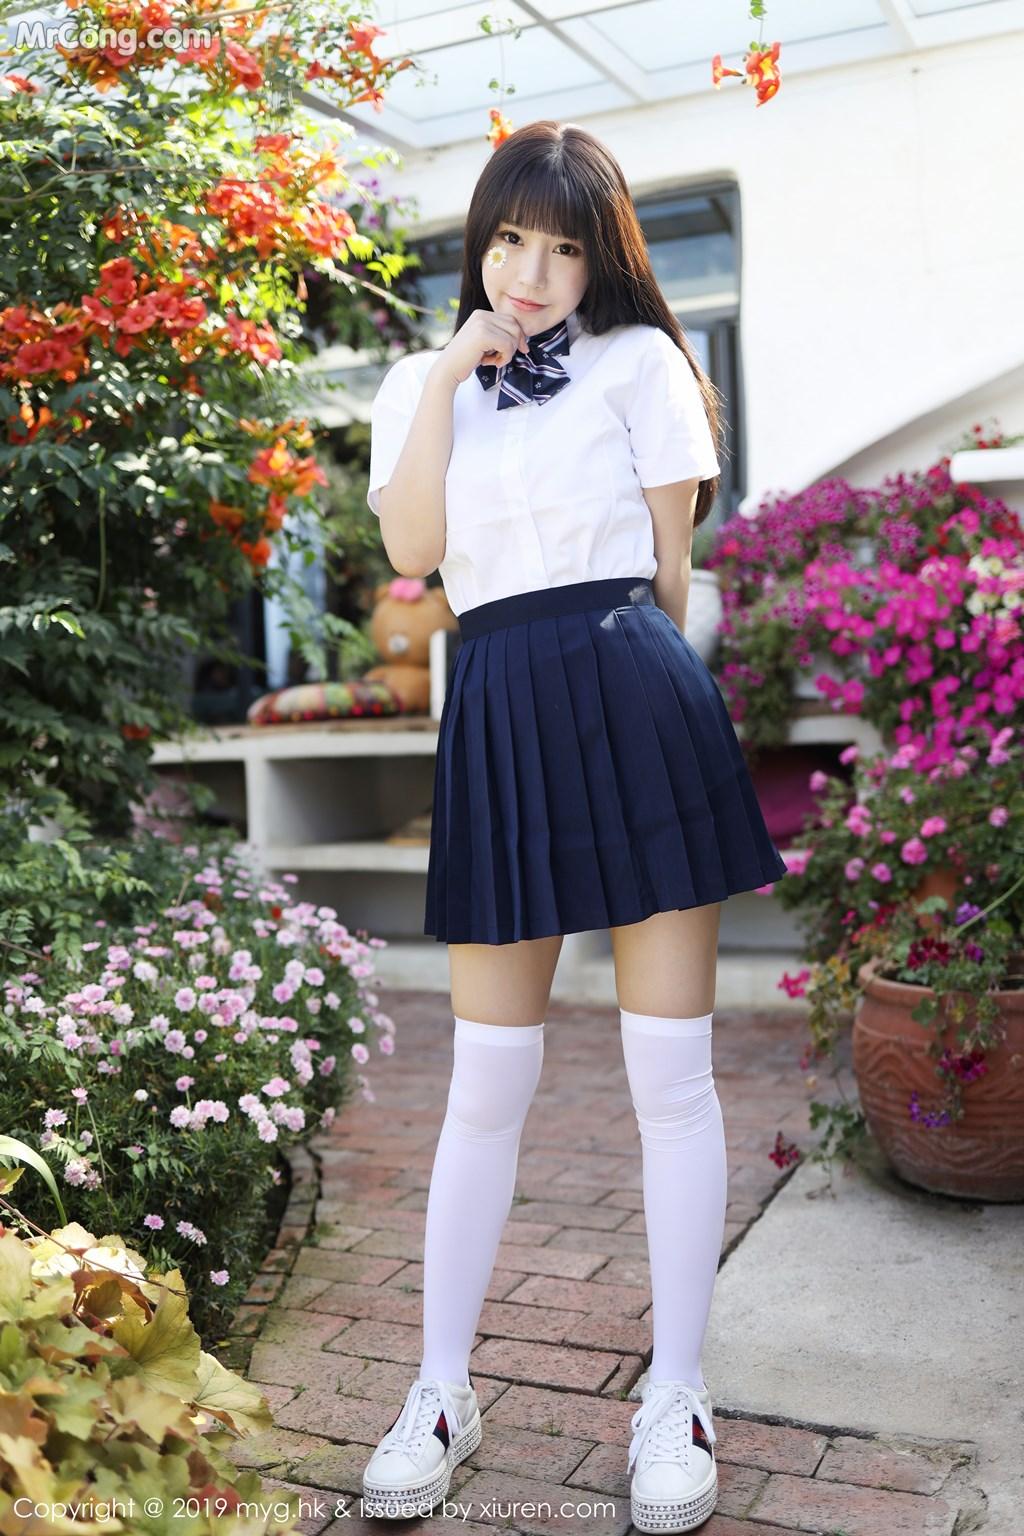 MyGirl Vol.408: Zhu Ke Er (Flower 朱 可 儿) (50 photos)